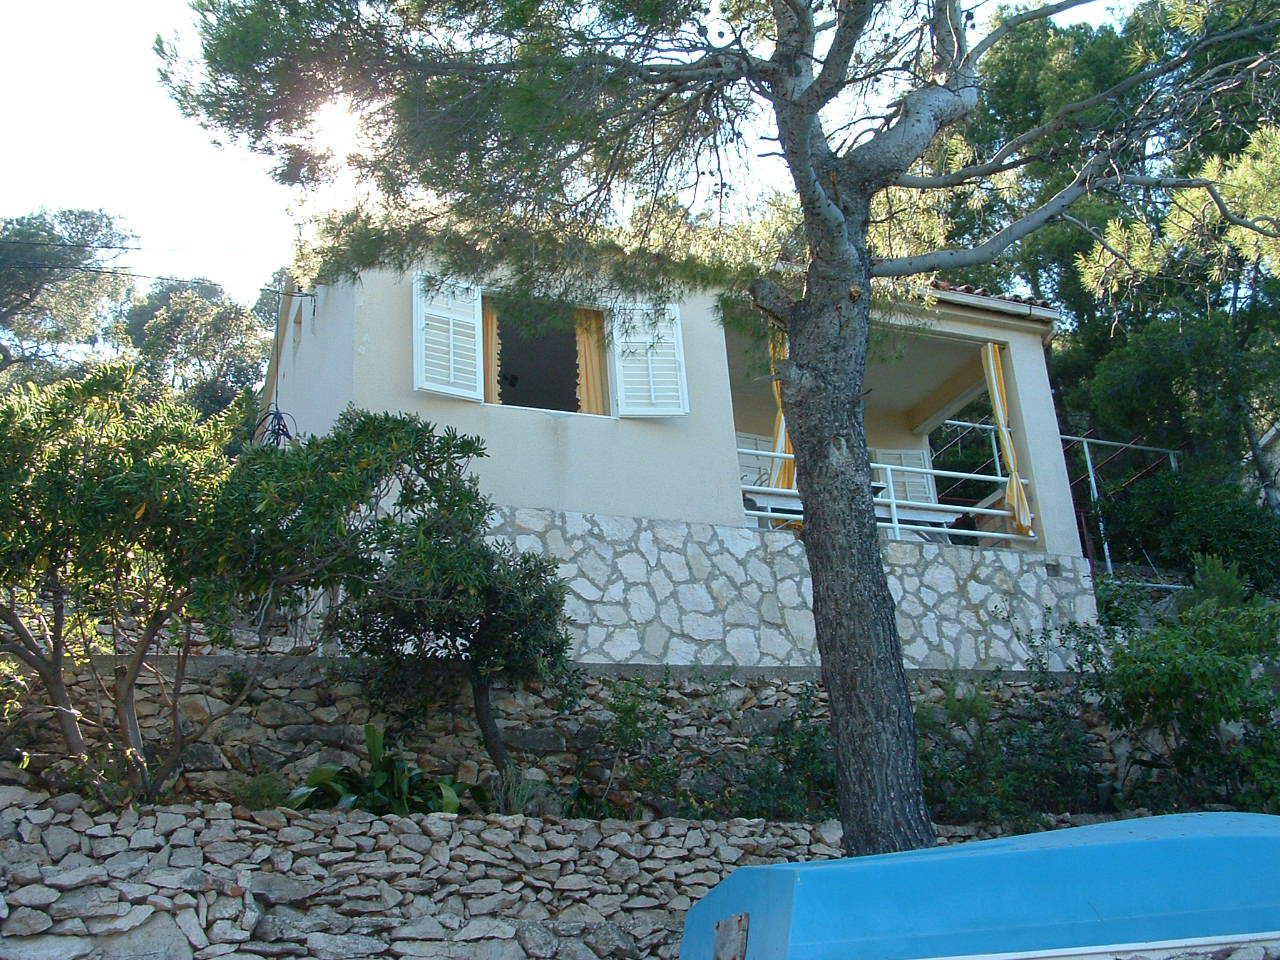 00104USTO  - Baia Stoncica (Vis) - Case vacanze, ville Croazia - H(4): la casa